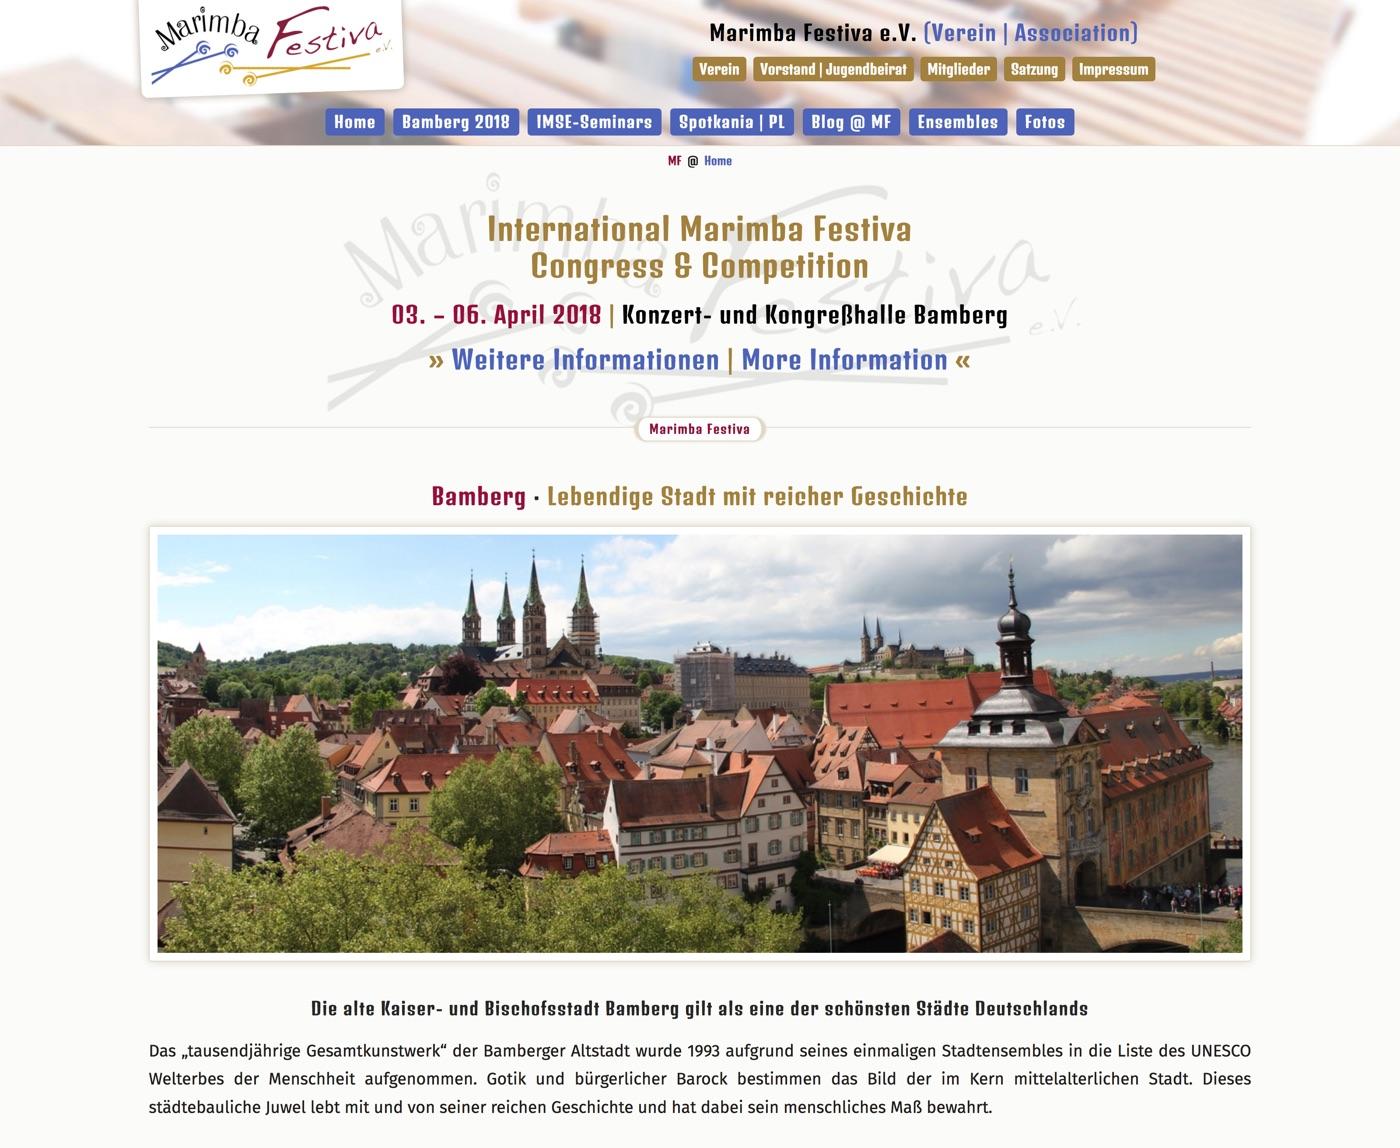 Marimba-Festiva · Bamberg 2018